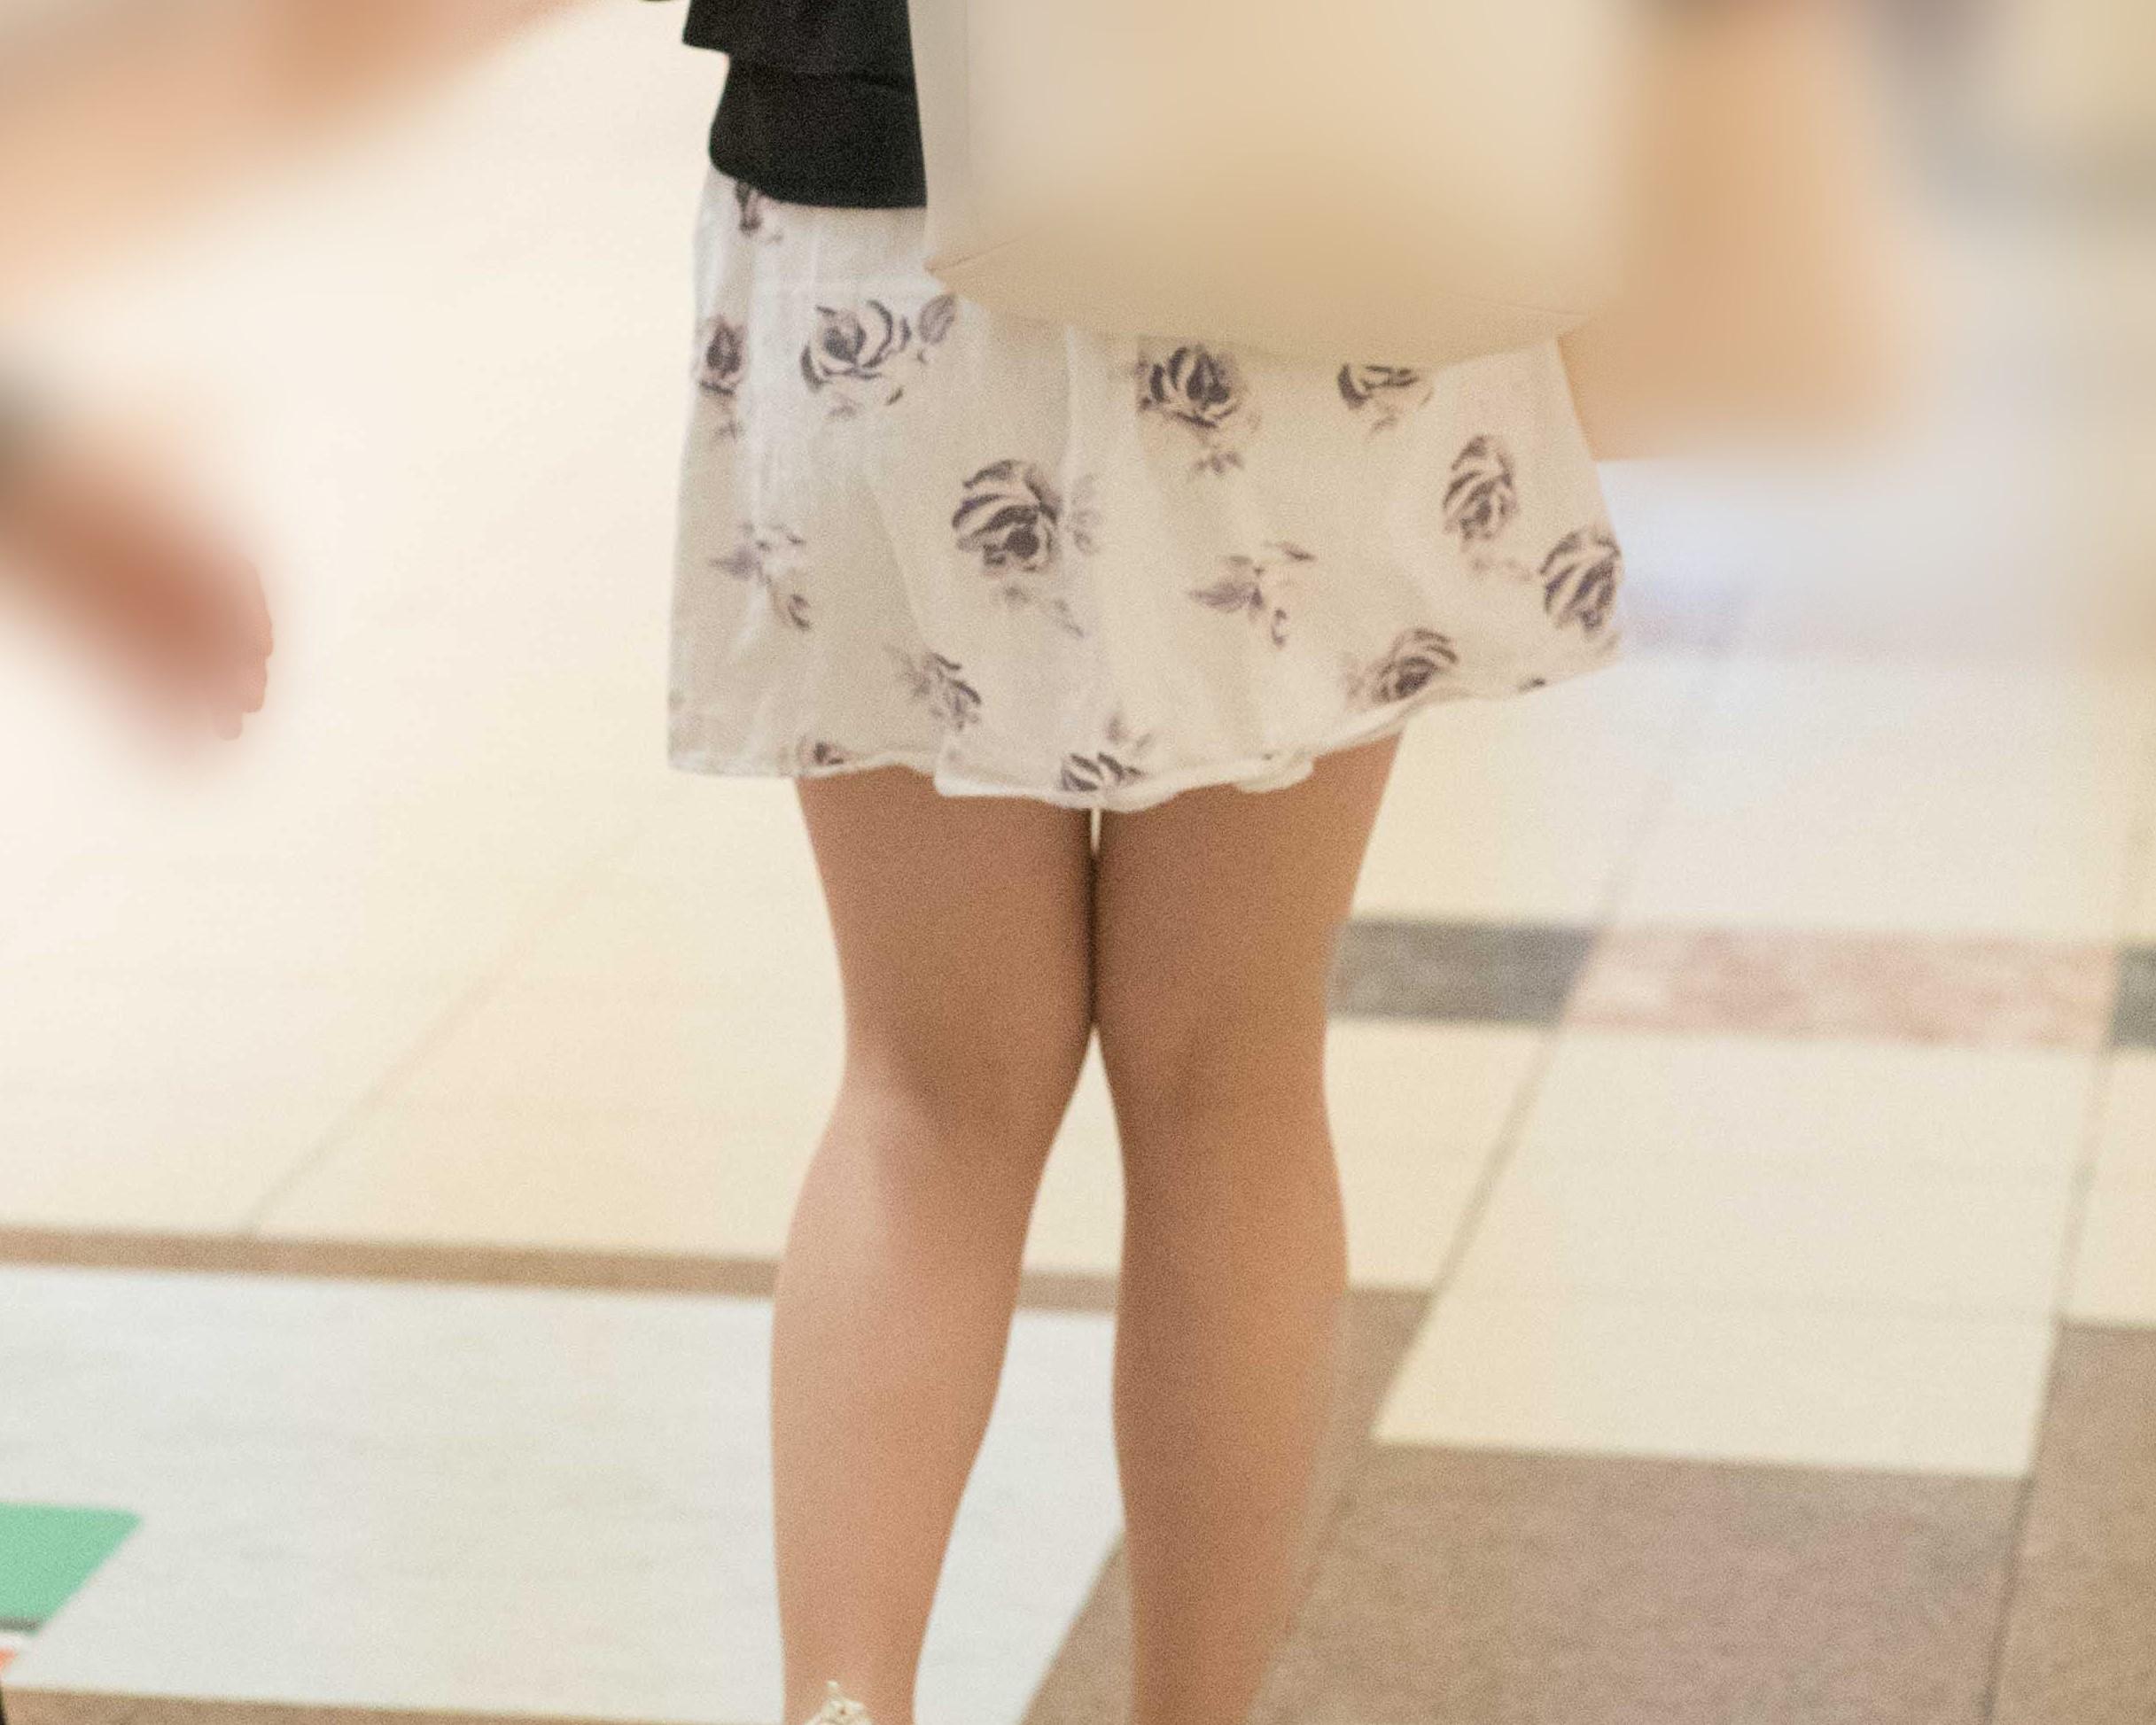 タイトじゃなくても十分エロい美脚のふわふわミニスカお嬢さん